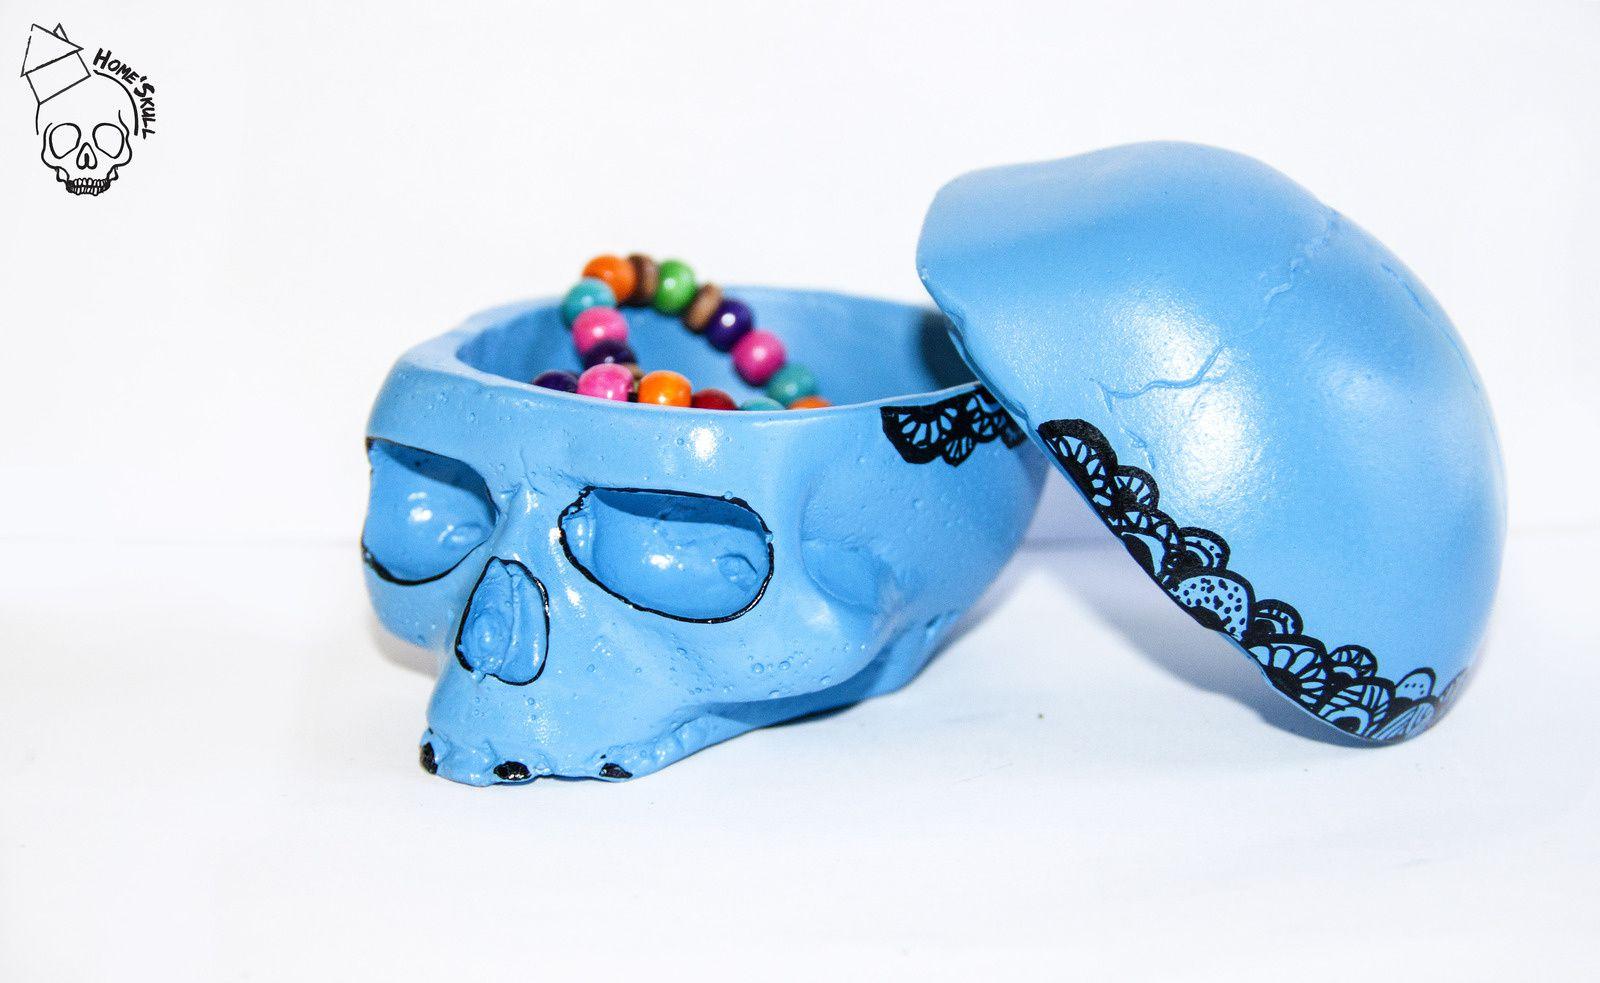 Pour toutes questions ou commande, personnalisation : home.skull@gmail.com